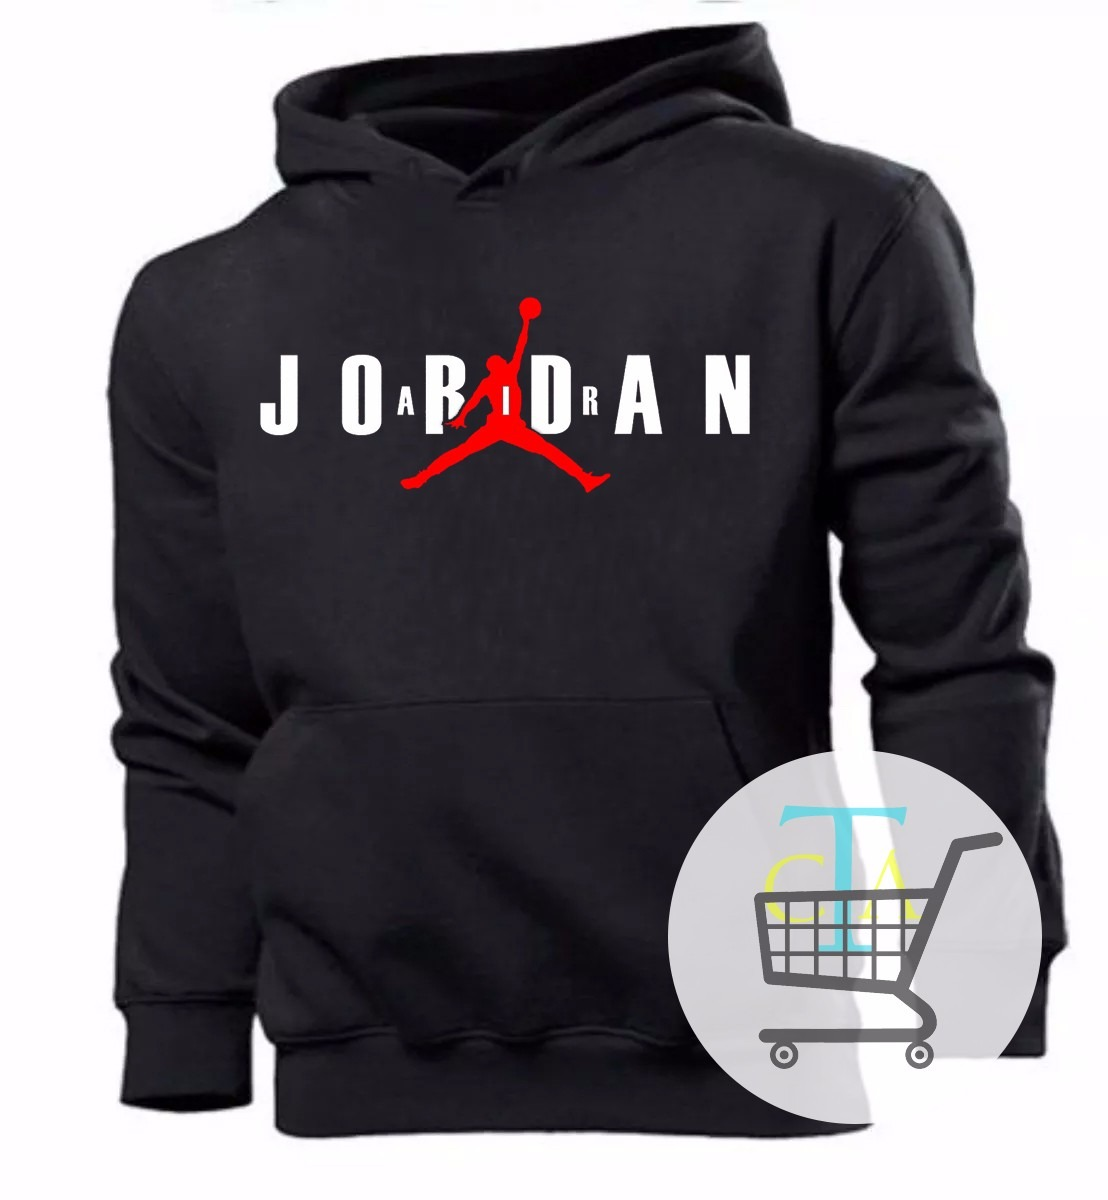 bec9f0560 blusa moleton air jordan basquete - super promoção. Carregando zoom.